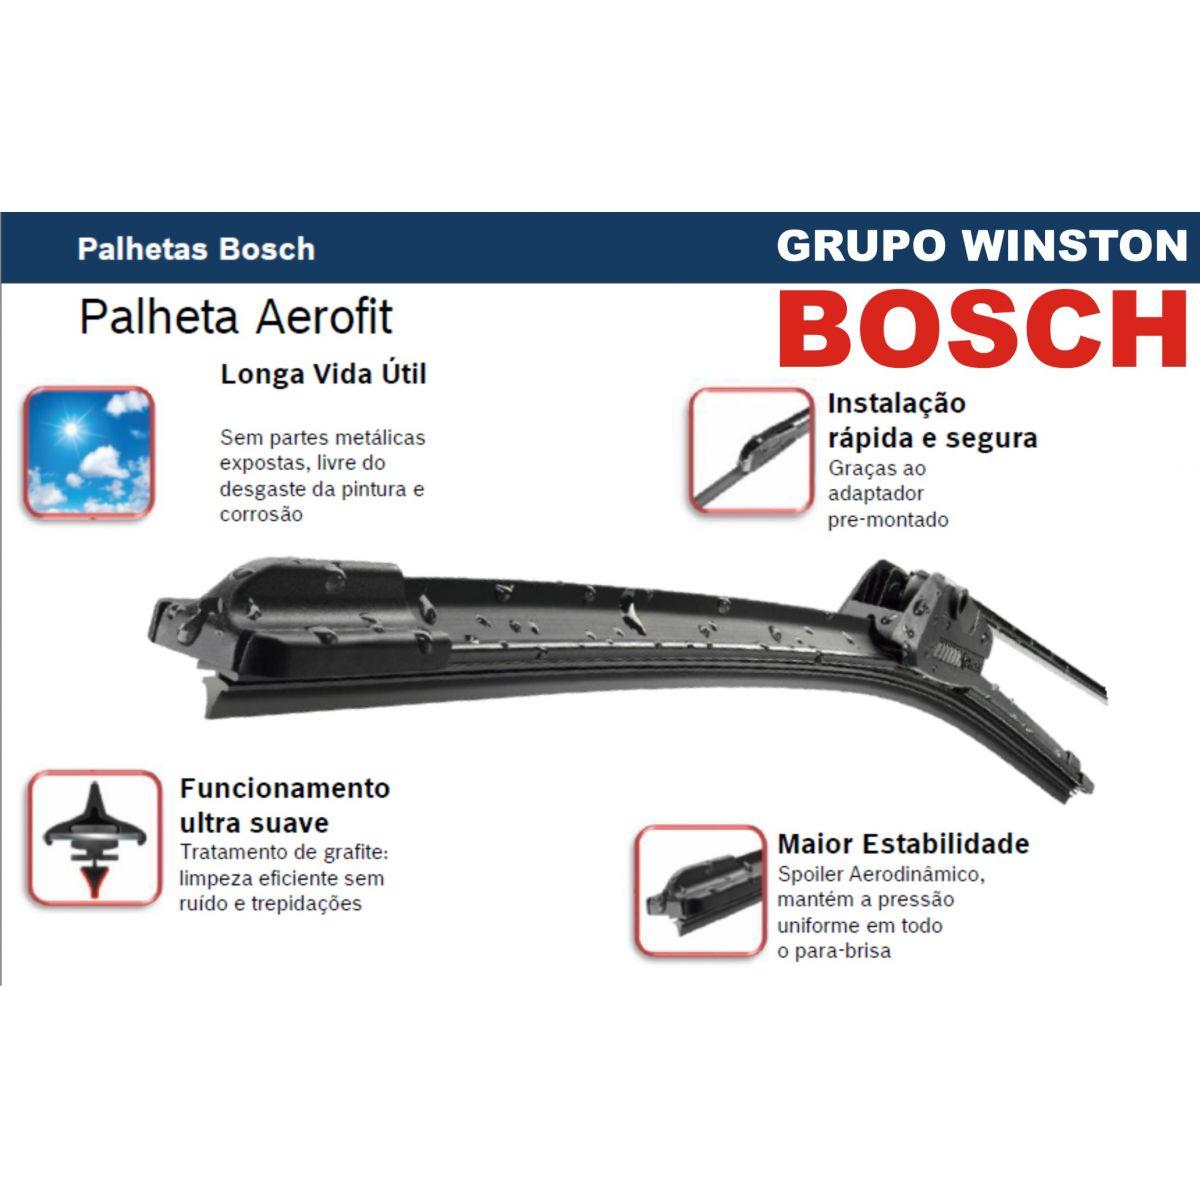 Palheta Bosch Aerofit Limpador de para brisa Bosch AUDI 100 / Avant A6 / Quatro / S6 A6 Avant / Quattro